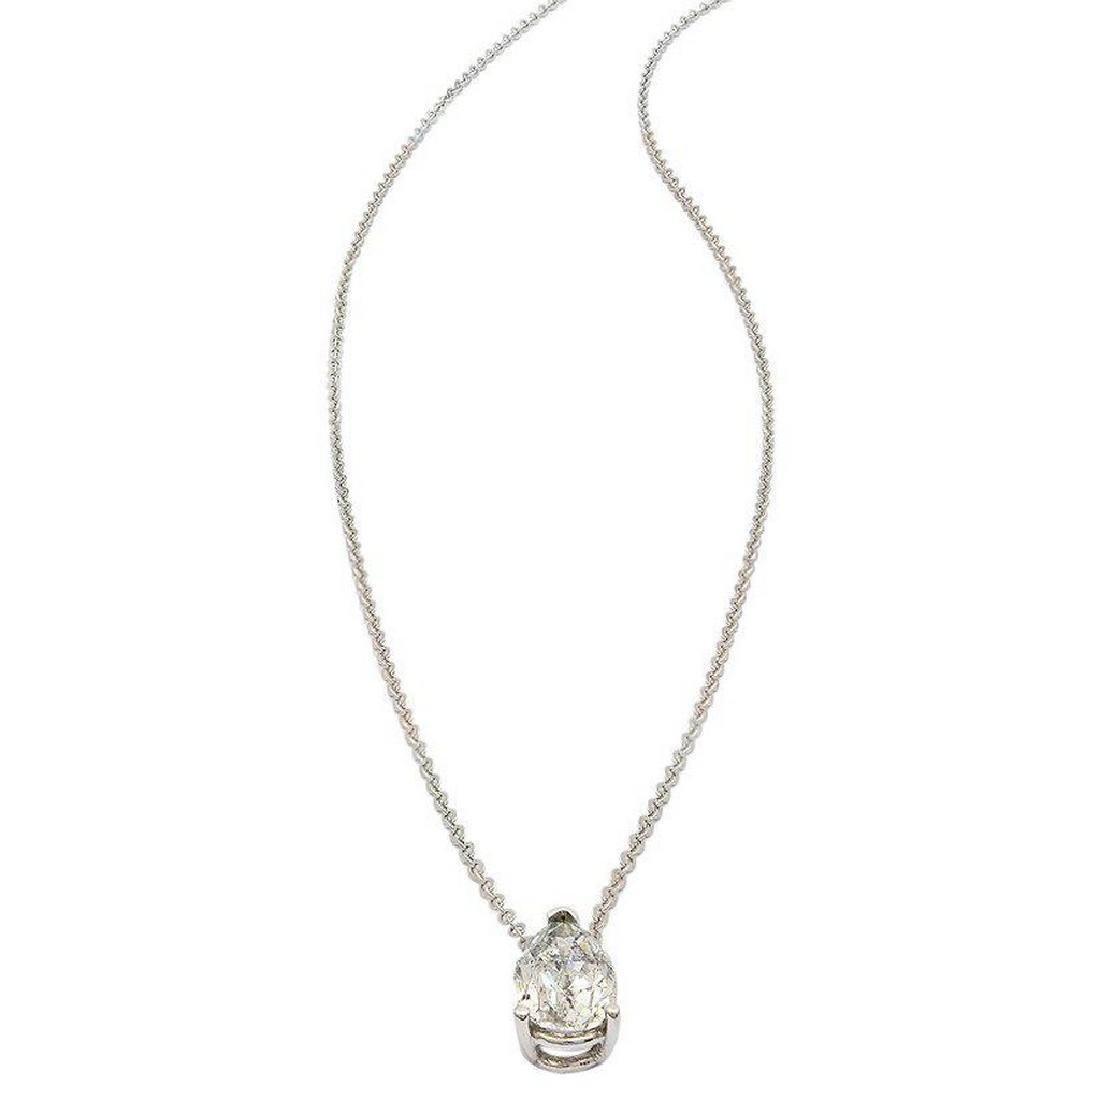 14K Gold 0.94ct Diamond Solitaire Pendant Necklace